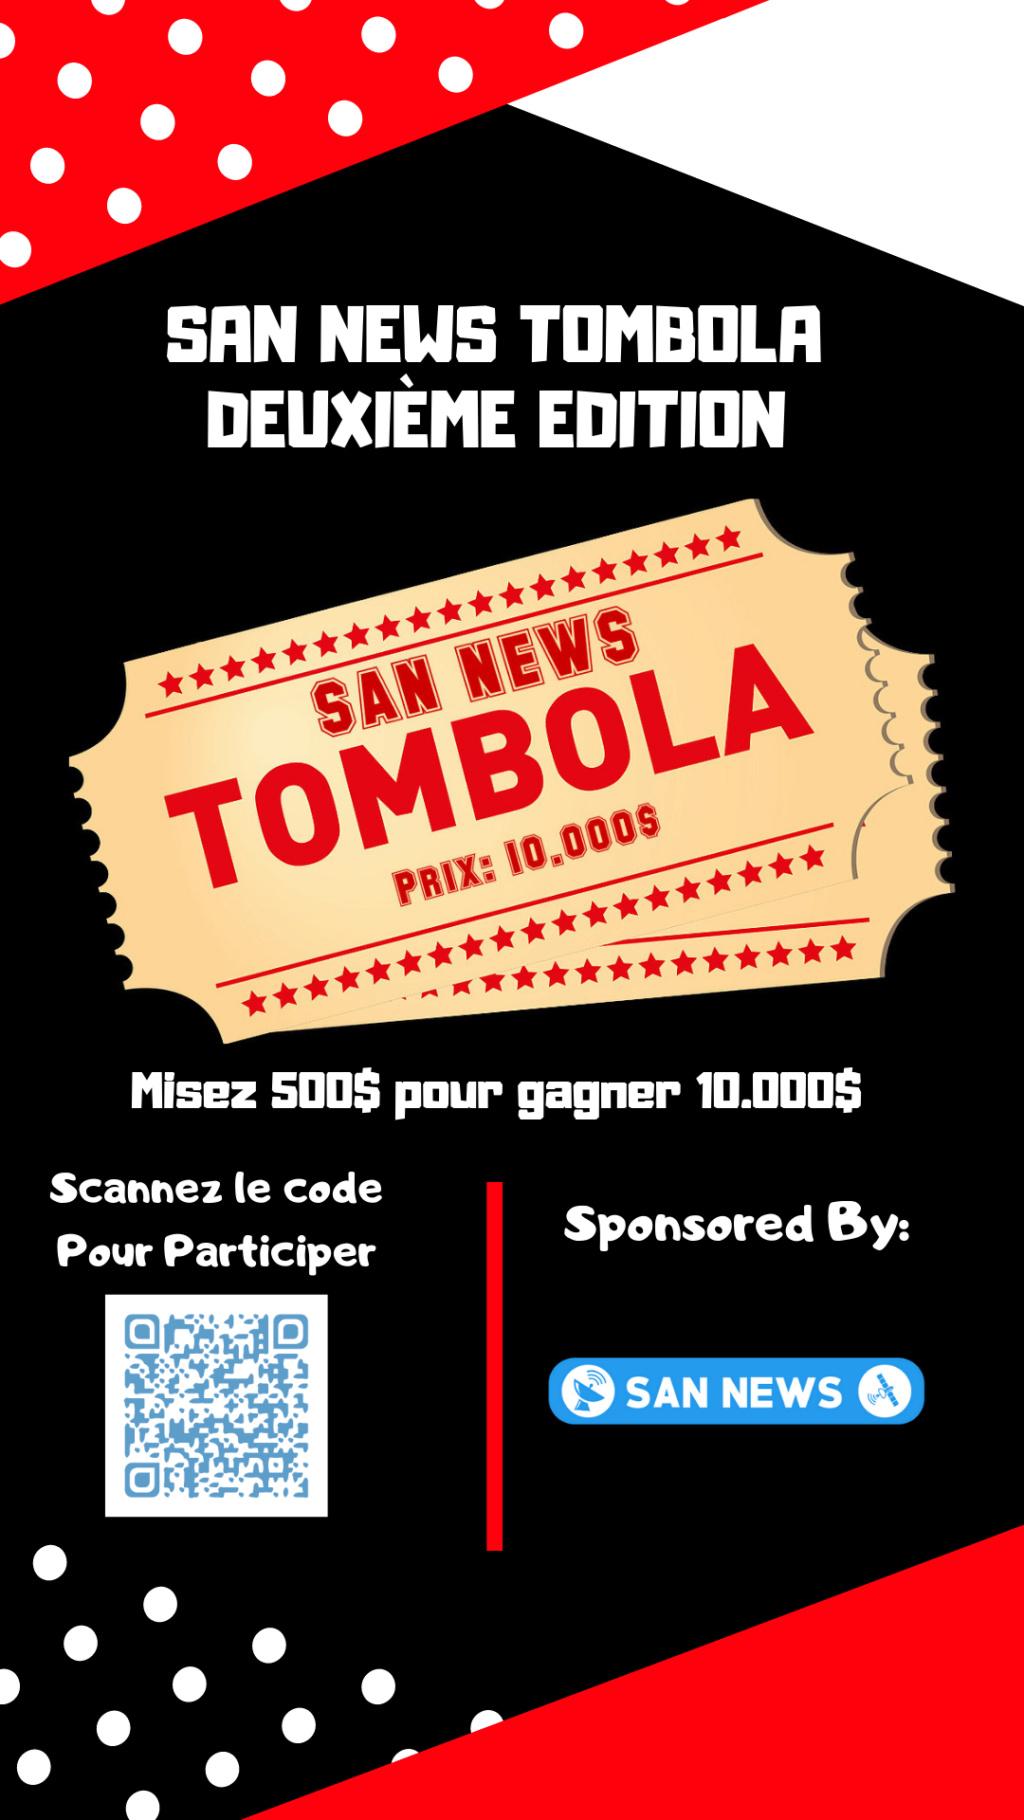 (FLYER) SAN NEWS TOMBOLA - Deuxième Edition 210